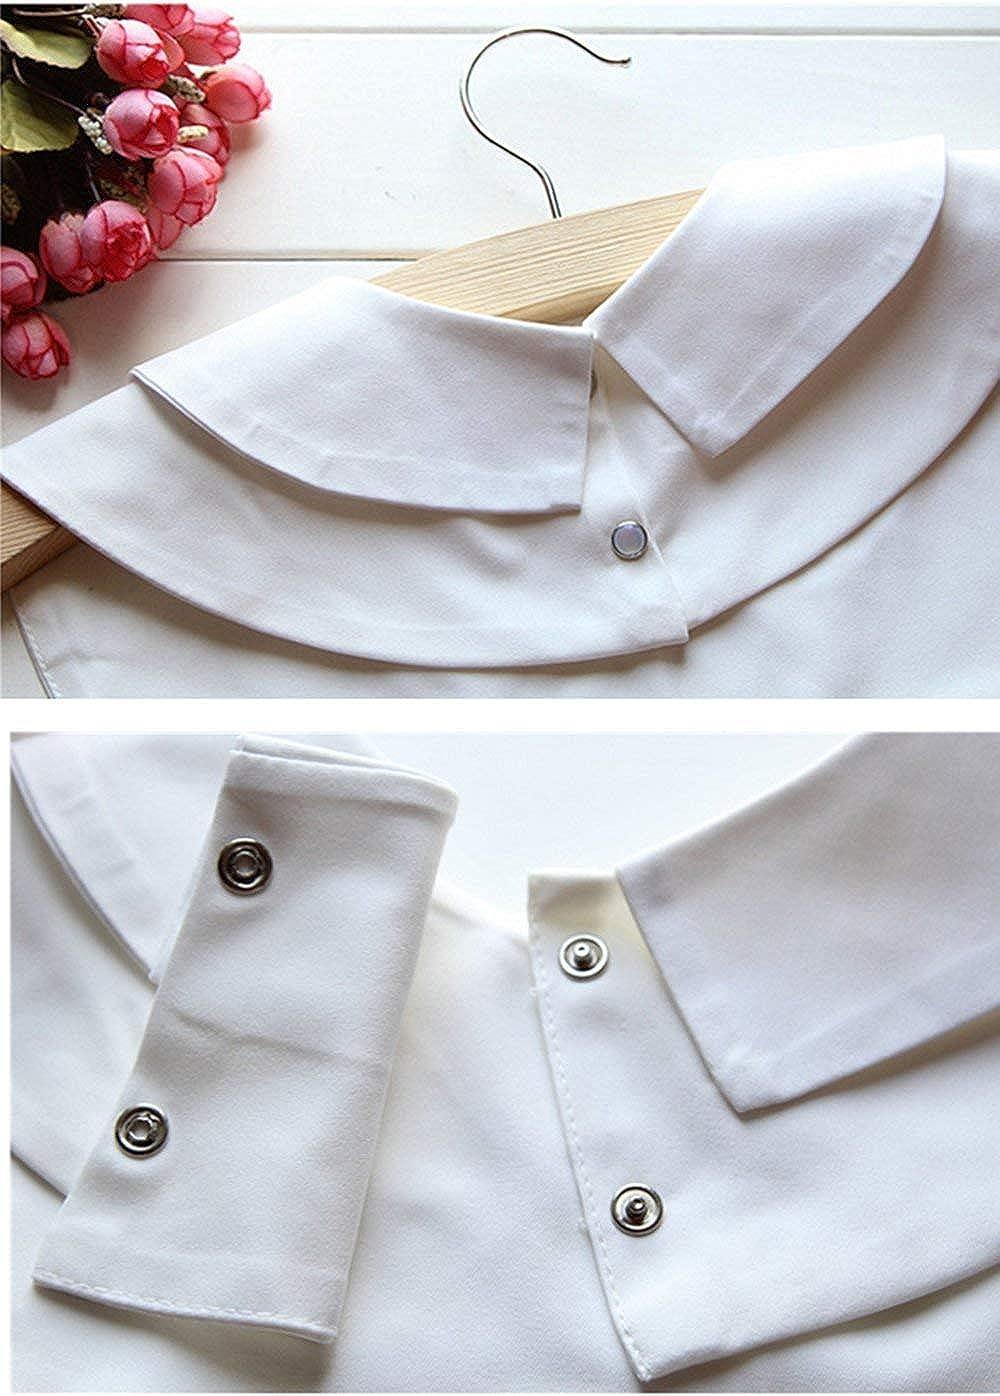 Cuello Falso Desmontable Collar Falso Camisa Mujer Cuello Falso Camisa Blusa Elegante (Blanco): Amazon.es: Ropa y accesorios